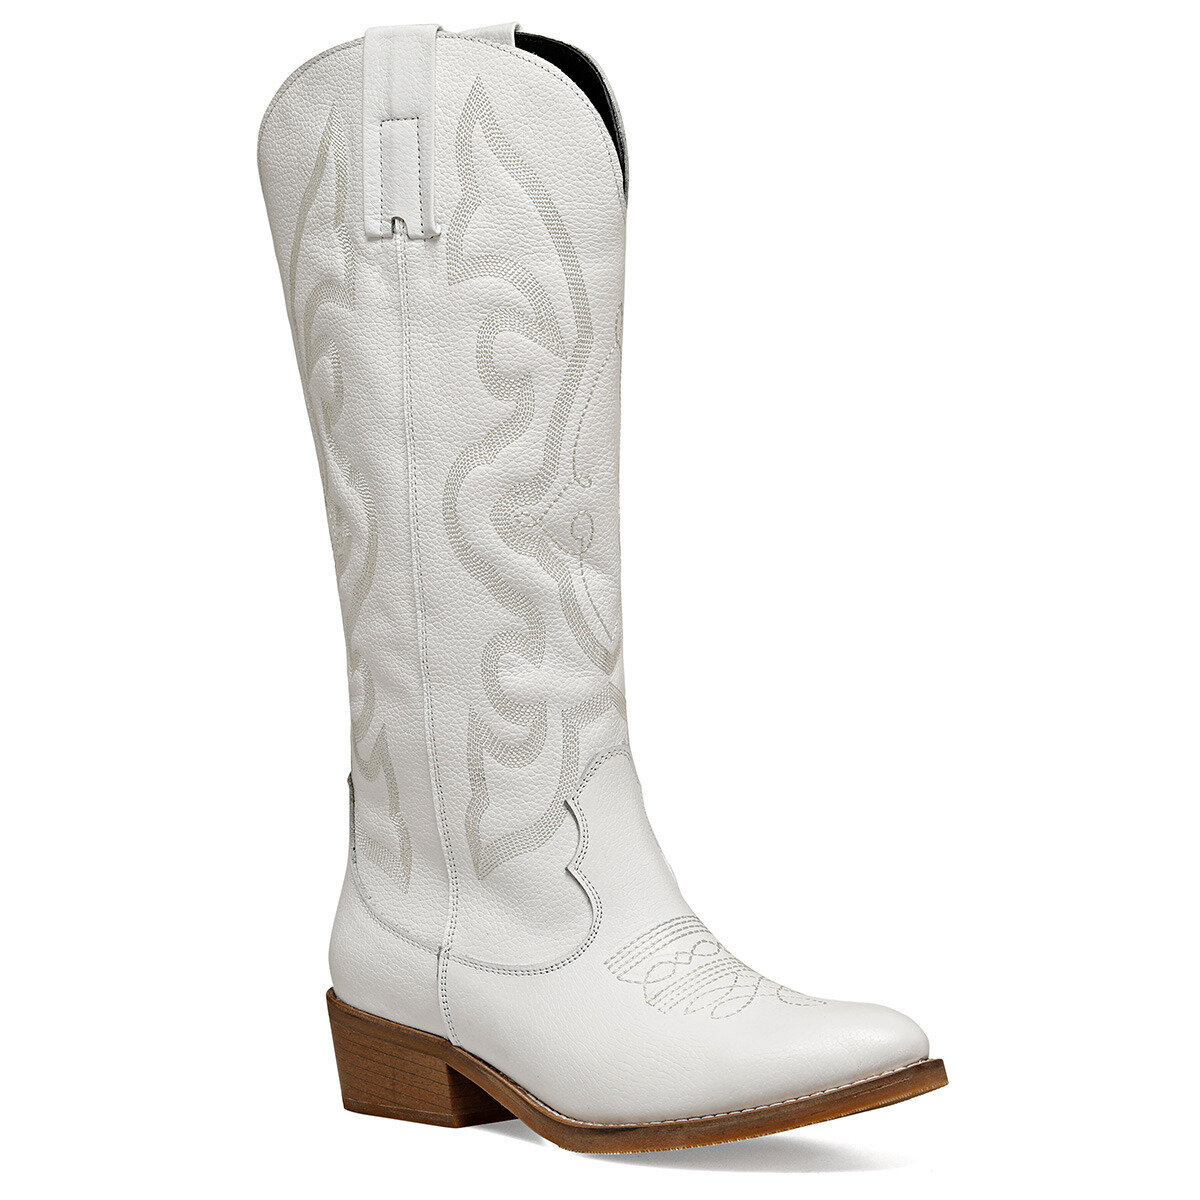 WESTI Beyaz Kadın Çizme